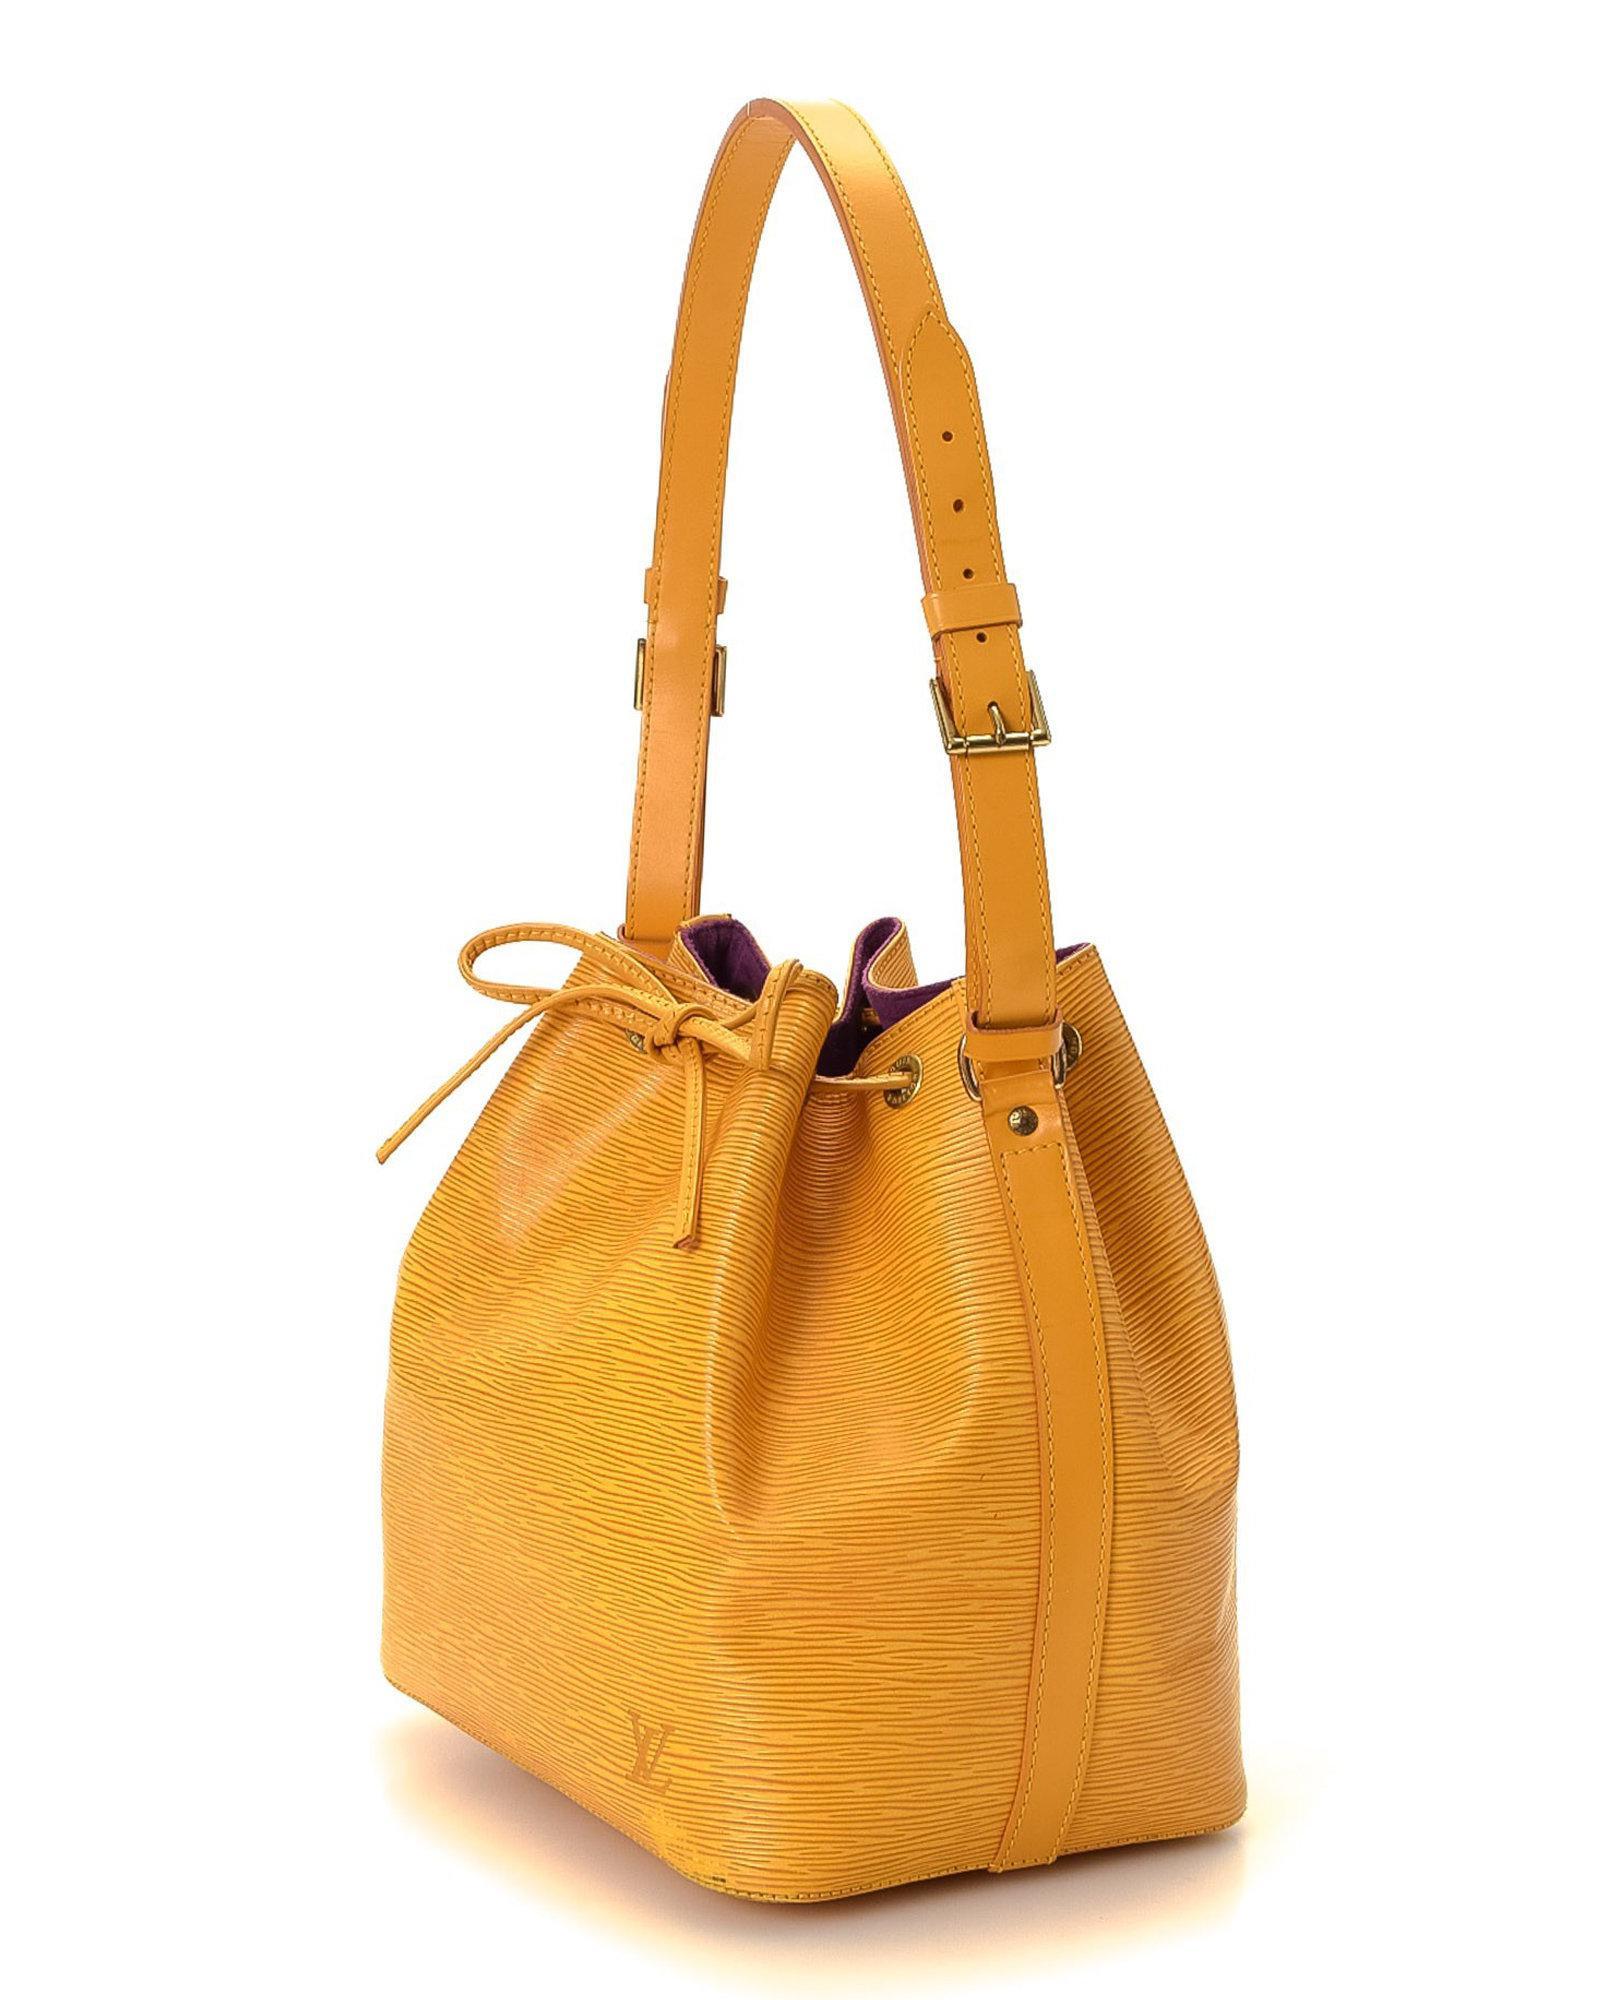 c4e3d23951 Lyst - Louis Vuitton Noe Shoulder Bag - Vintage